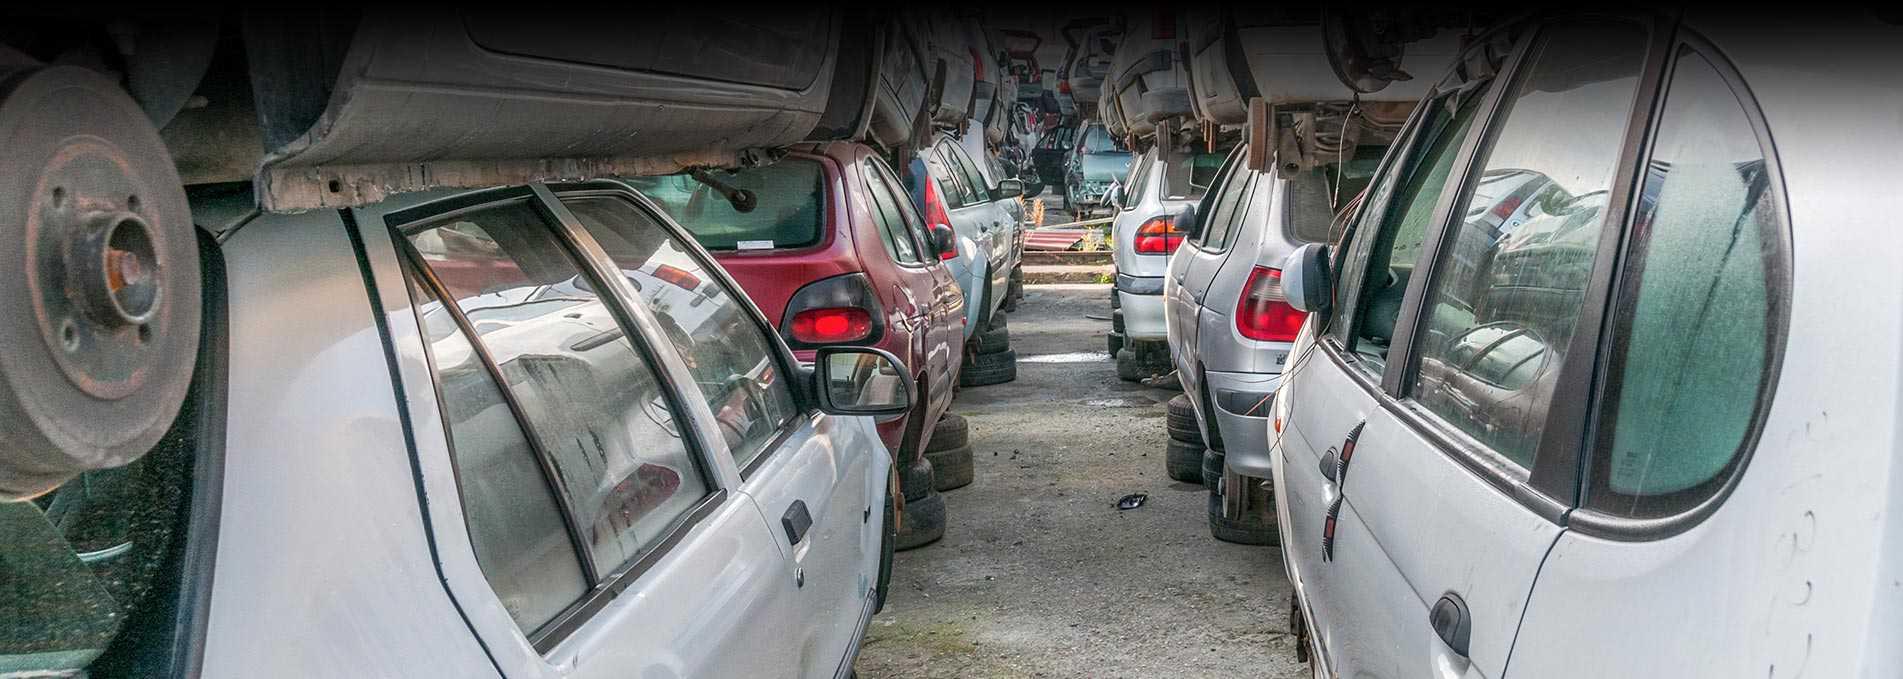 Vente de pièces détachées d'occasion à la casse auto à Muret